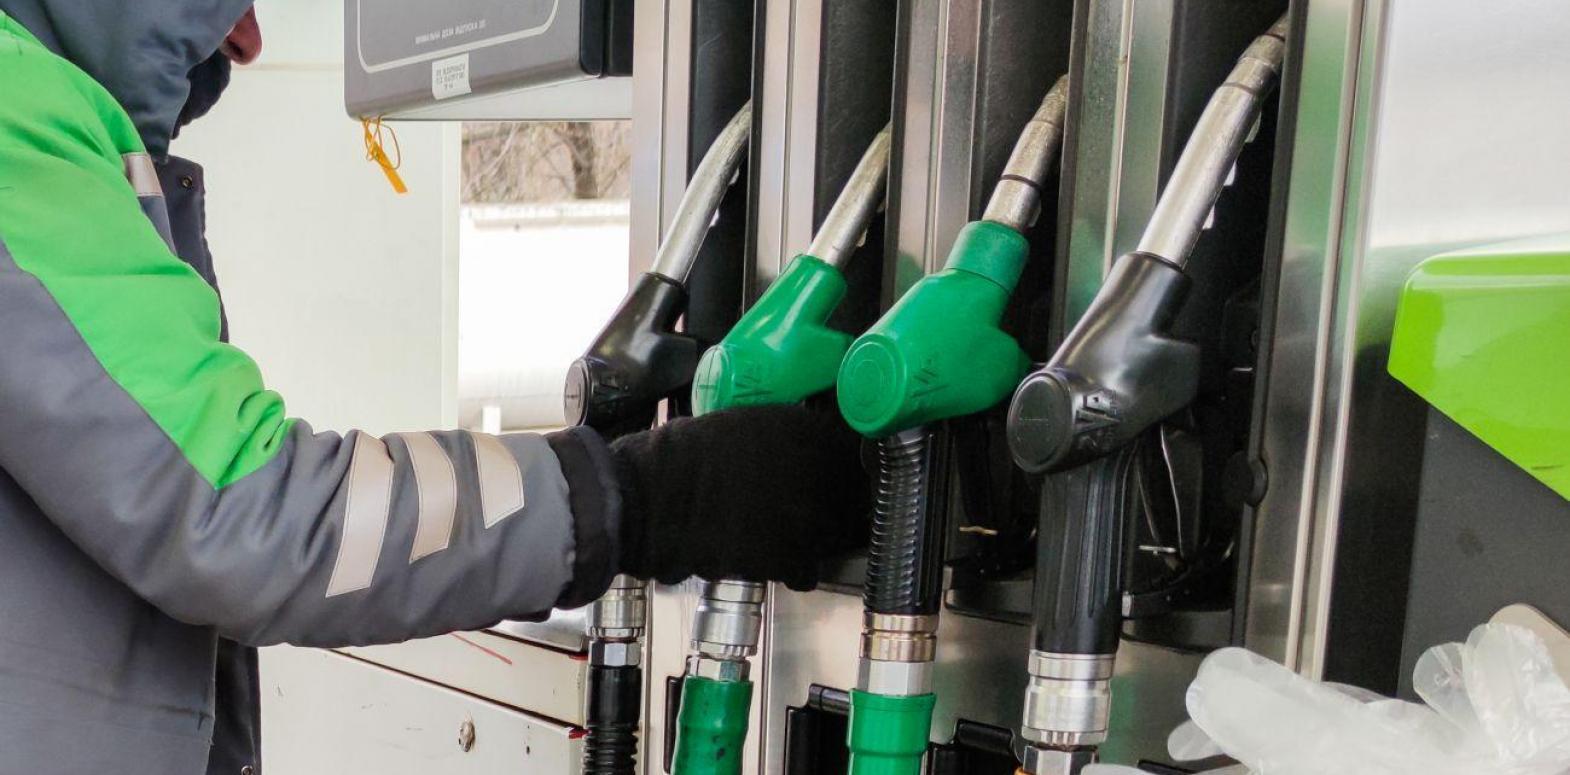 Бензин подорожал на АЗС после публикации новой максимальной цены